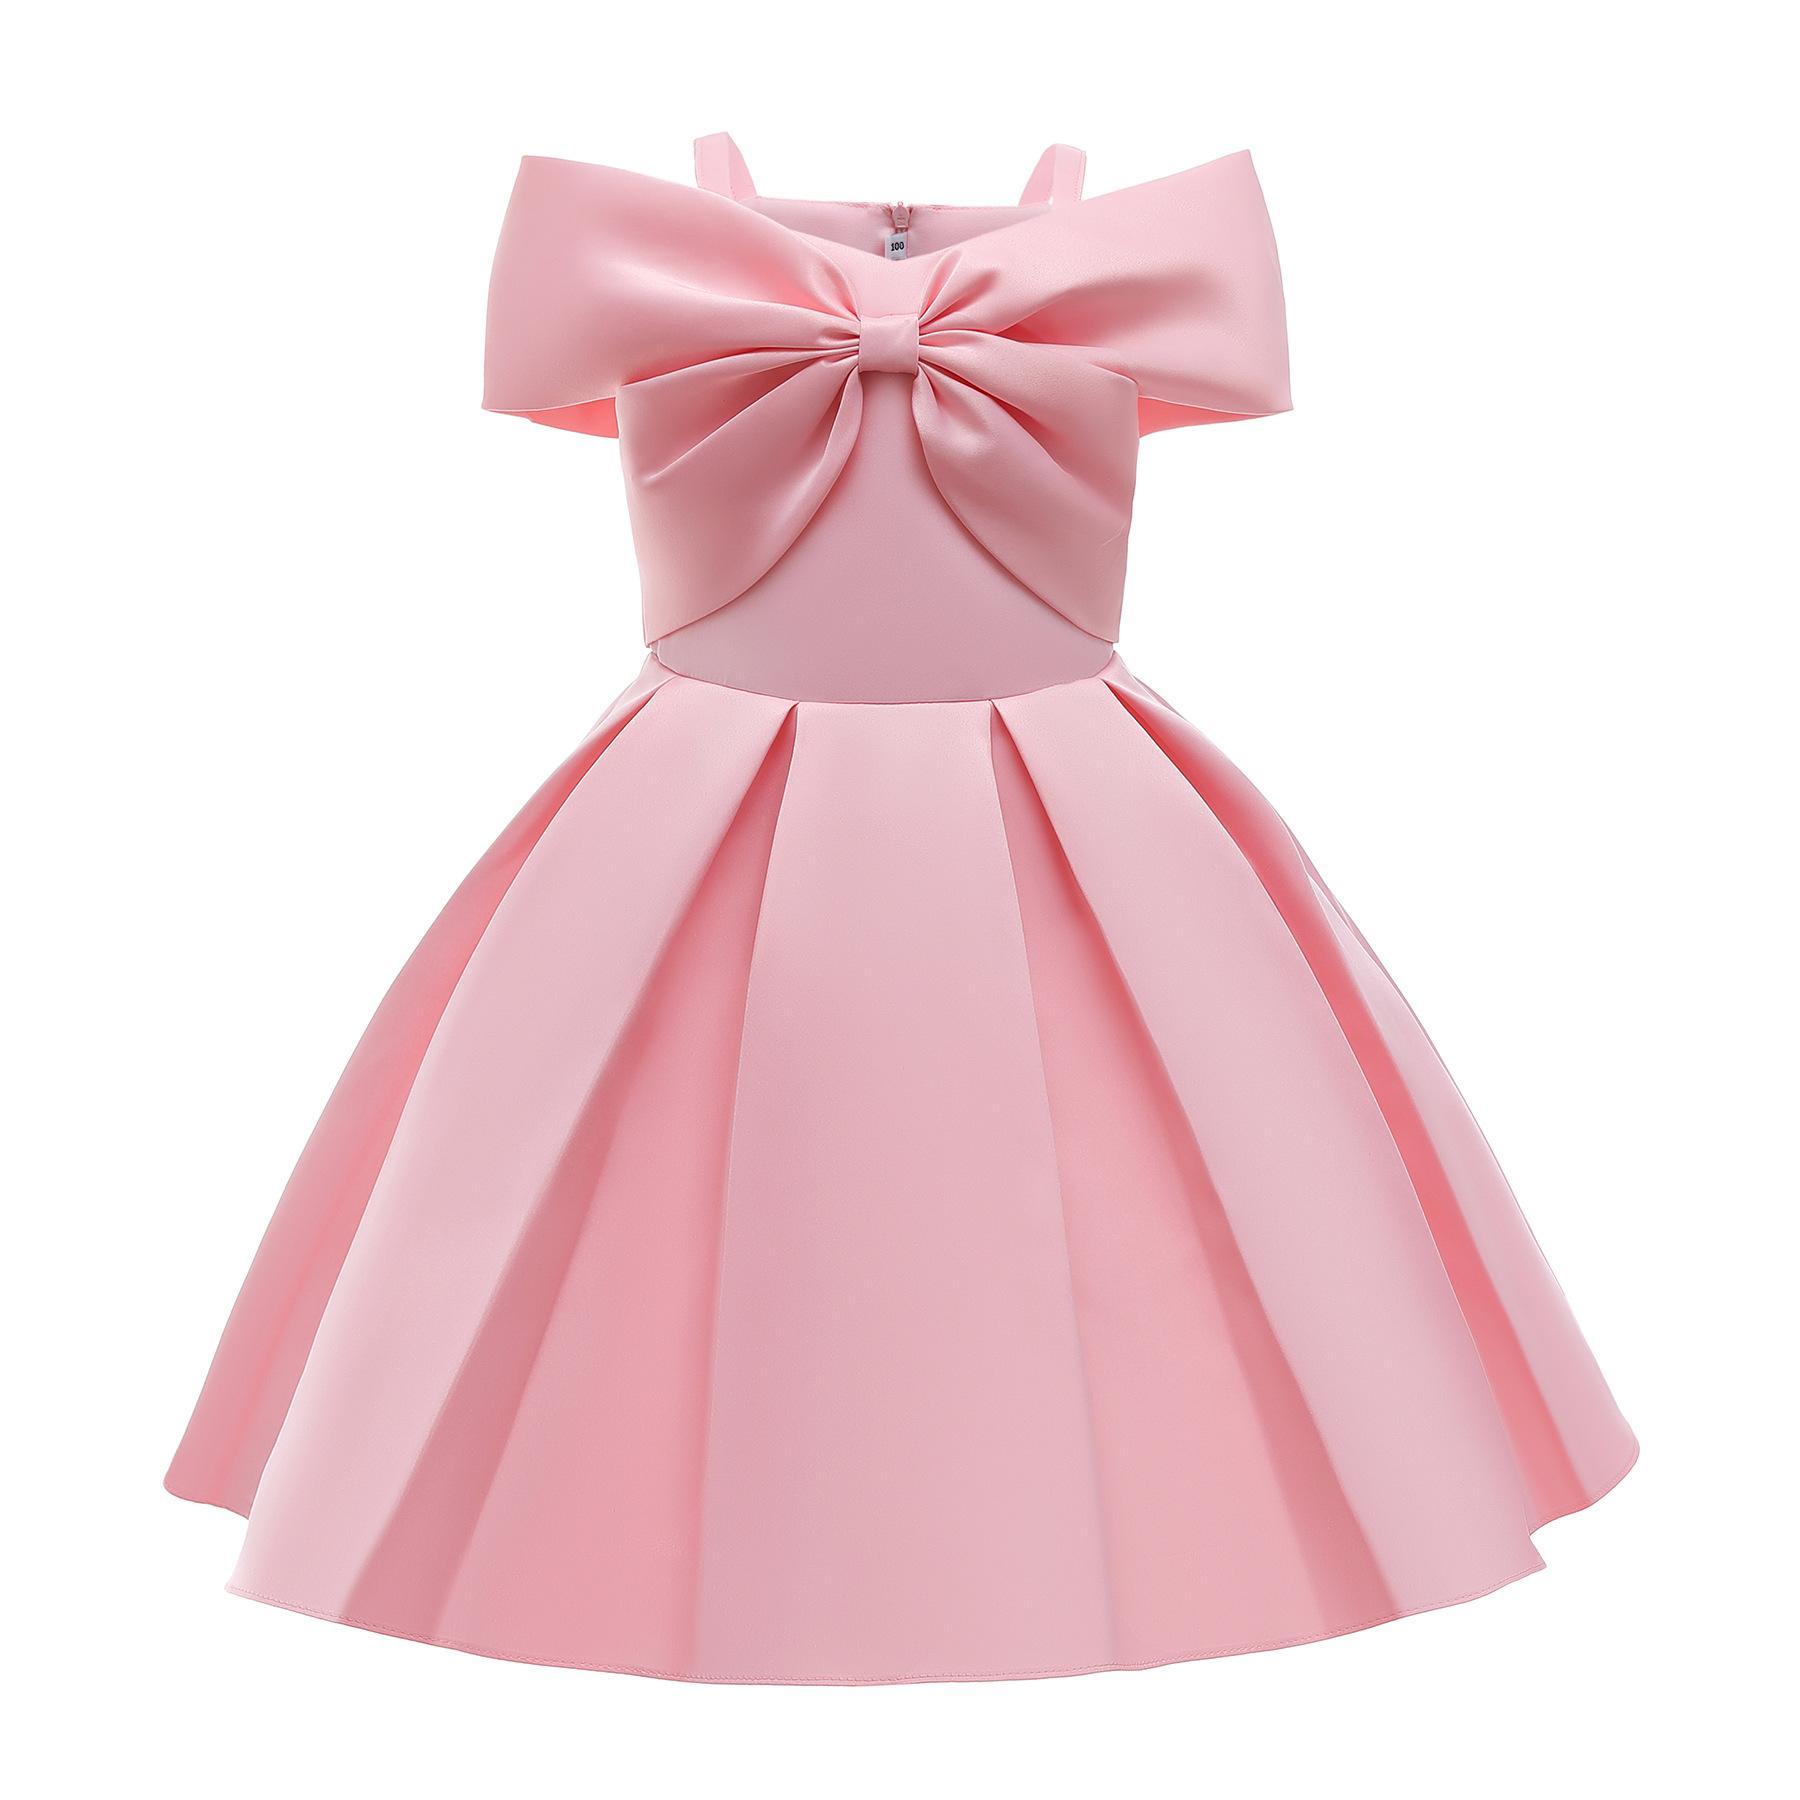 أطفال بنات الأميرة اللباس عيد القوس أنيقة زفاف عيد ميلاد حزب الرسمي 2021 فساتين الطفل